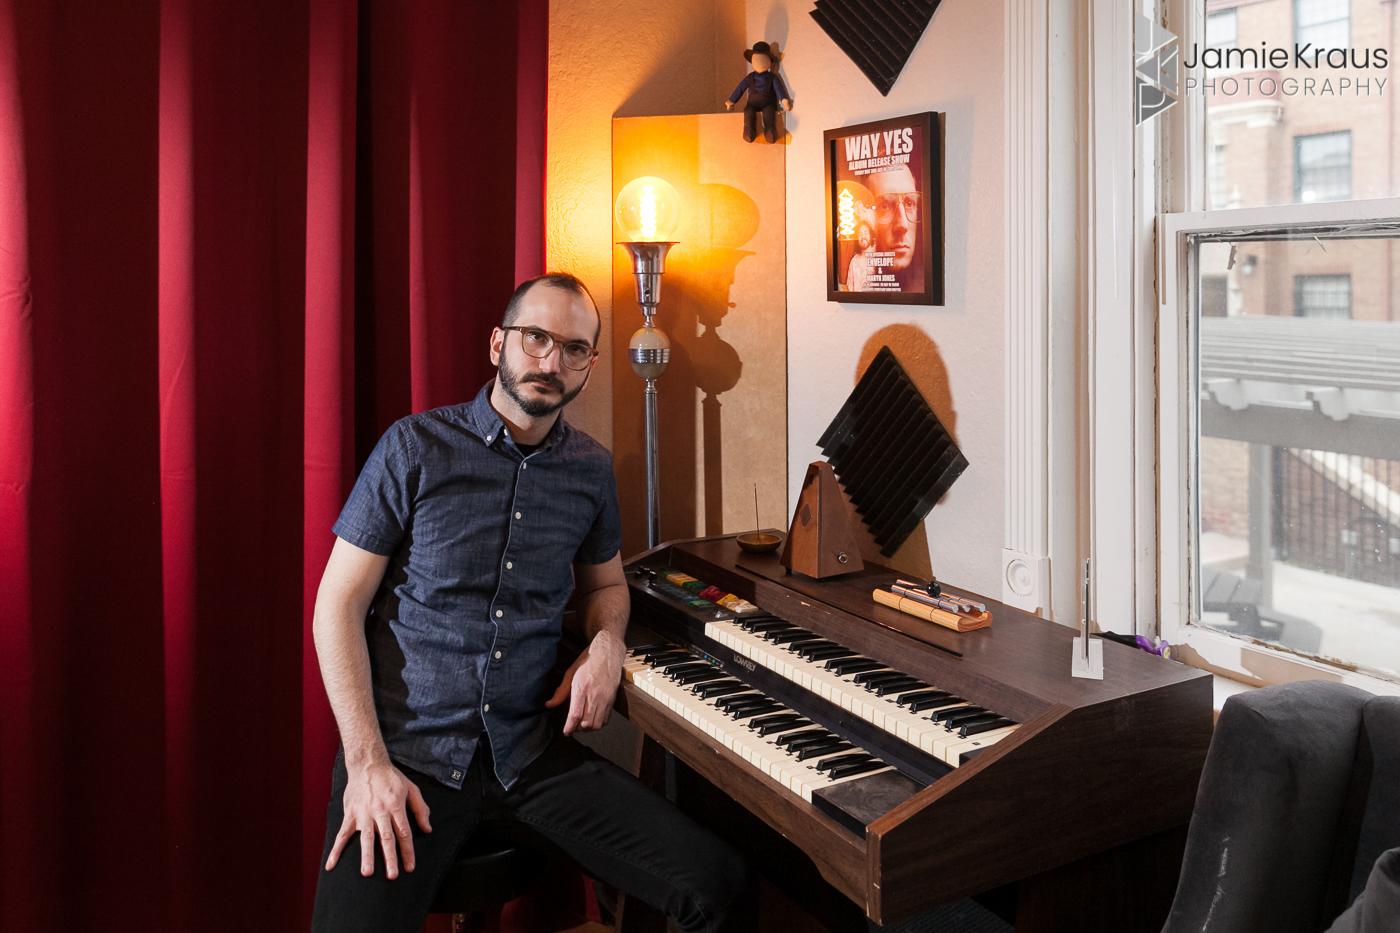 denver musician portrait photographer